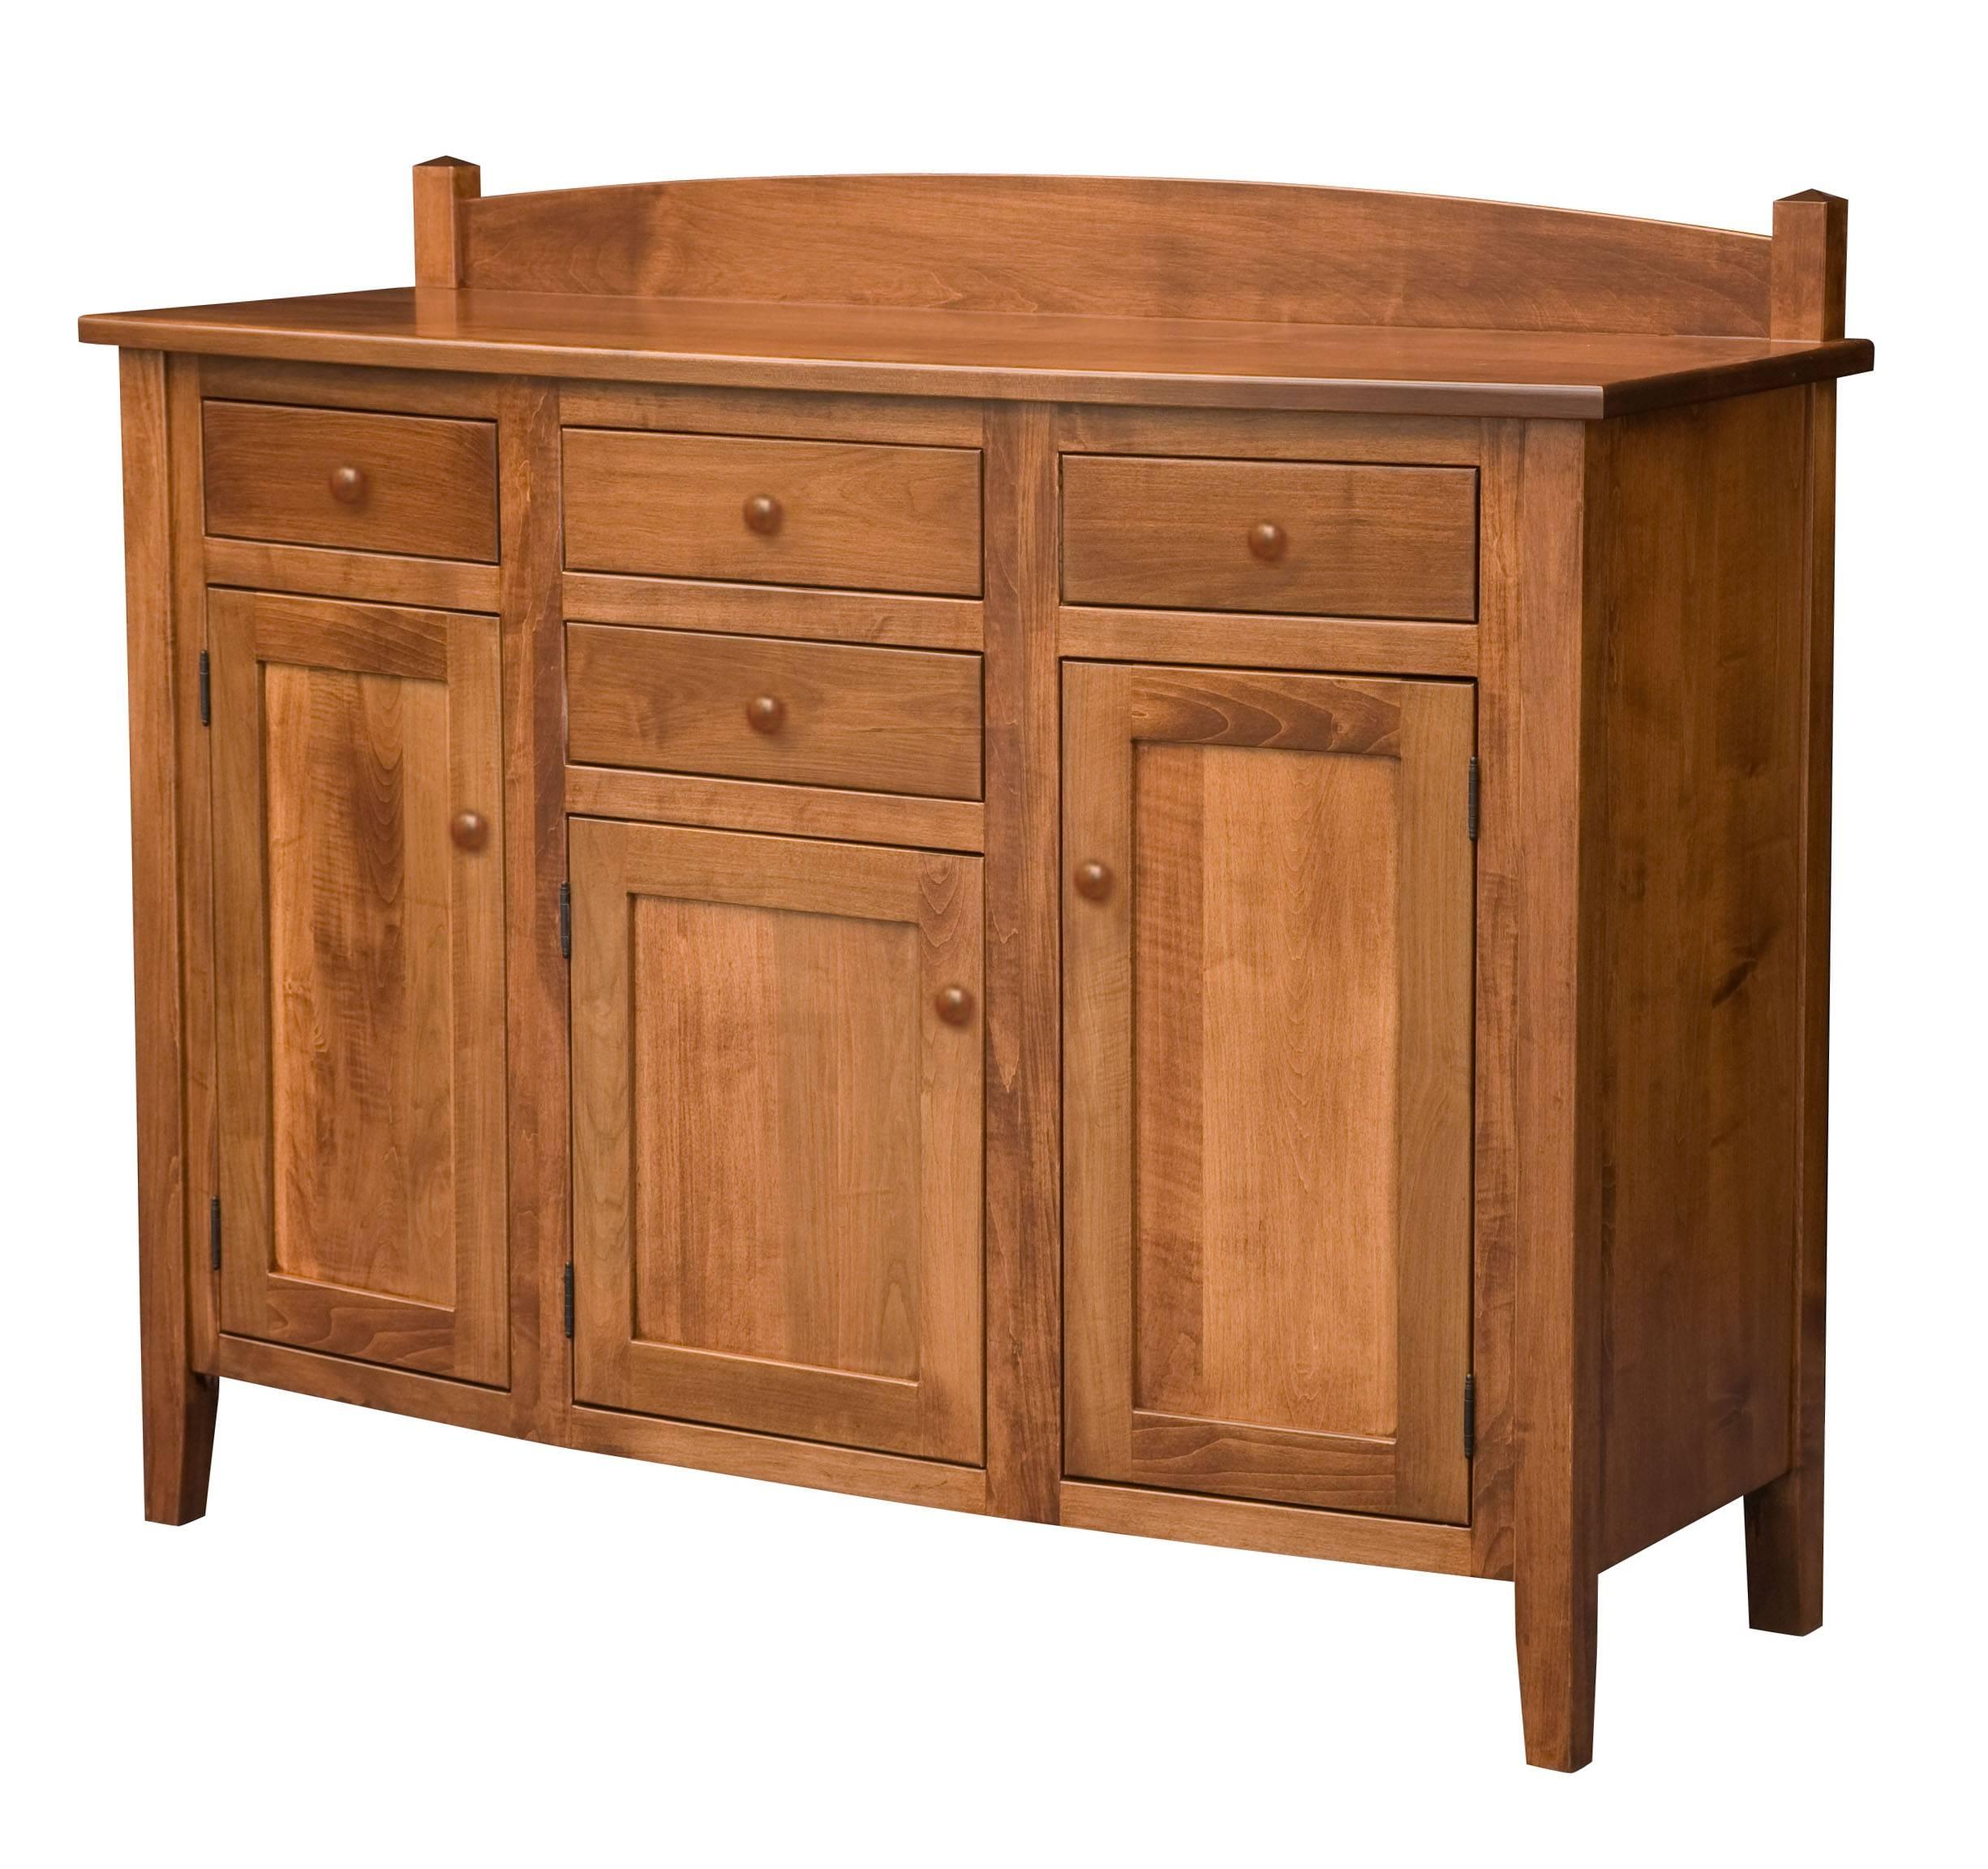 Furniture. Elegant Dining Room Buffets Sideboards Design | Sipfon intended for Unfinished Sideboards (Image 9 of 30)